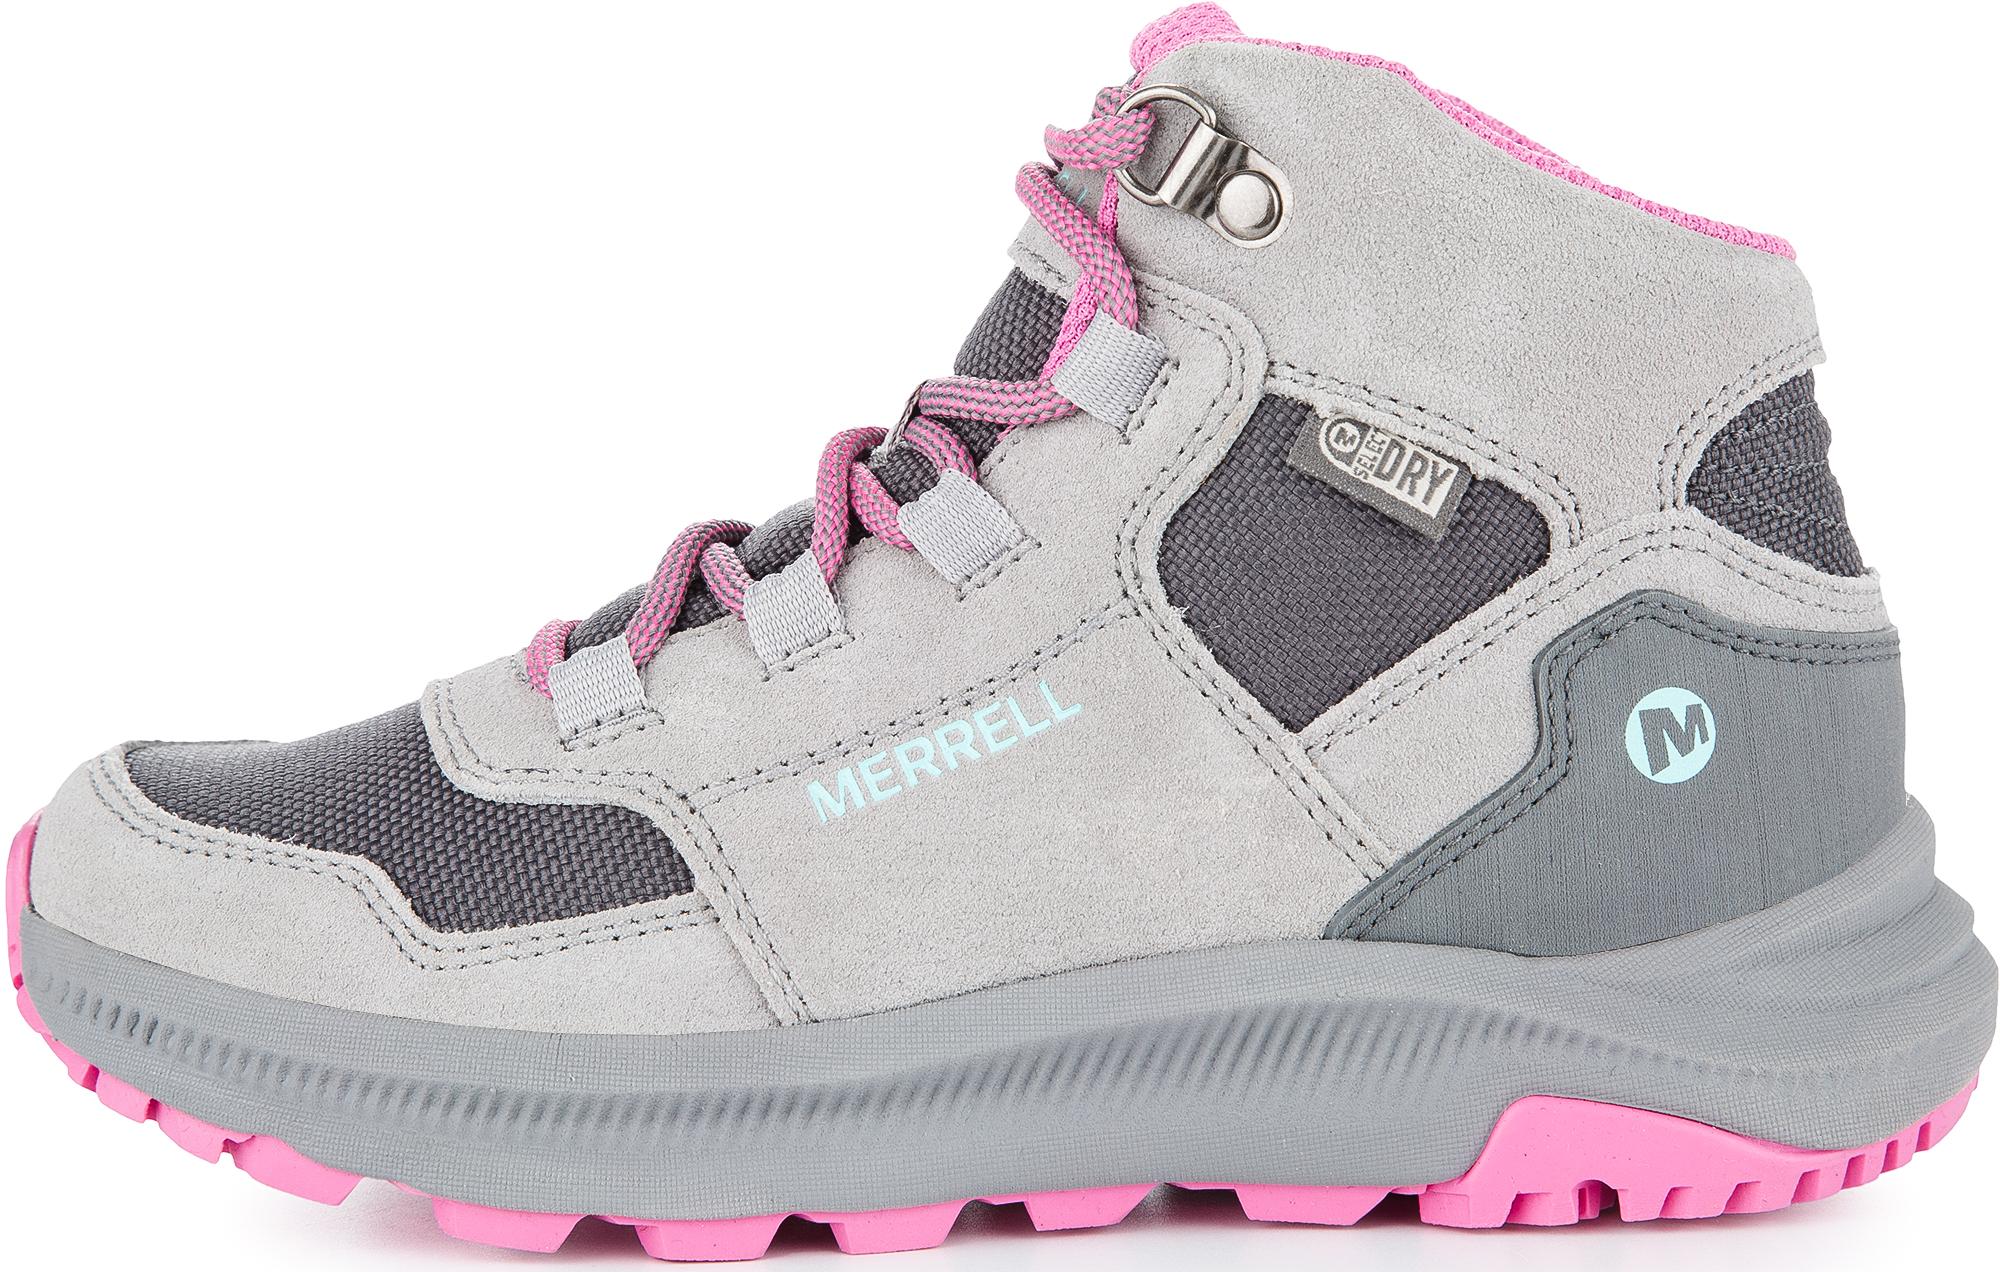 Merrell Ботинки для девочек M-Ontario, размер 40,5